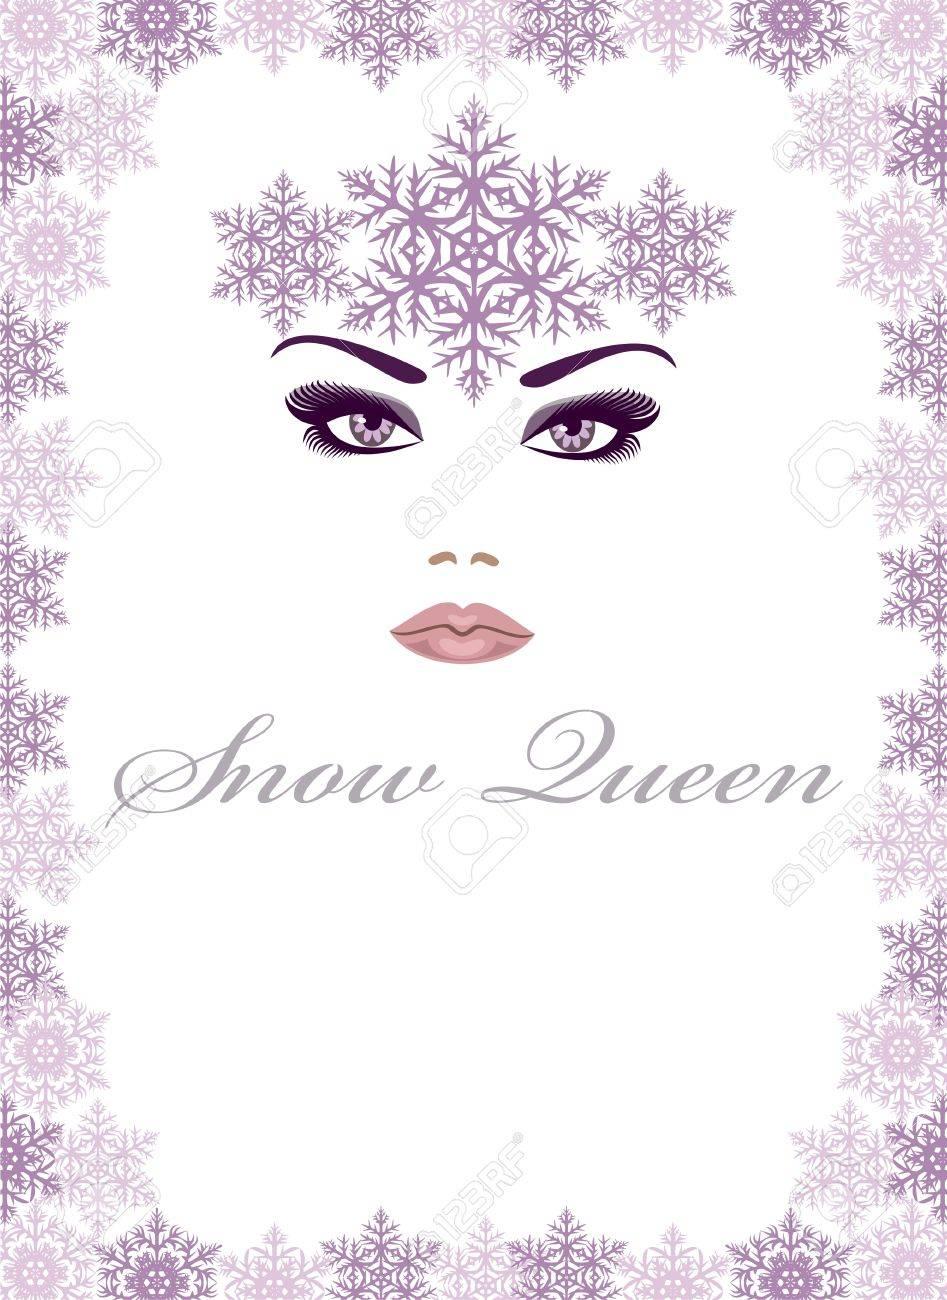 Snow Queen Illustrations Snow Queen